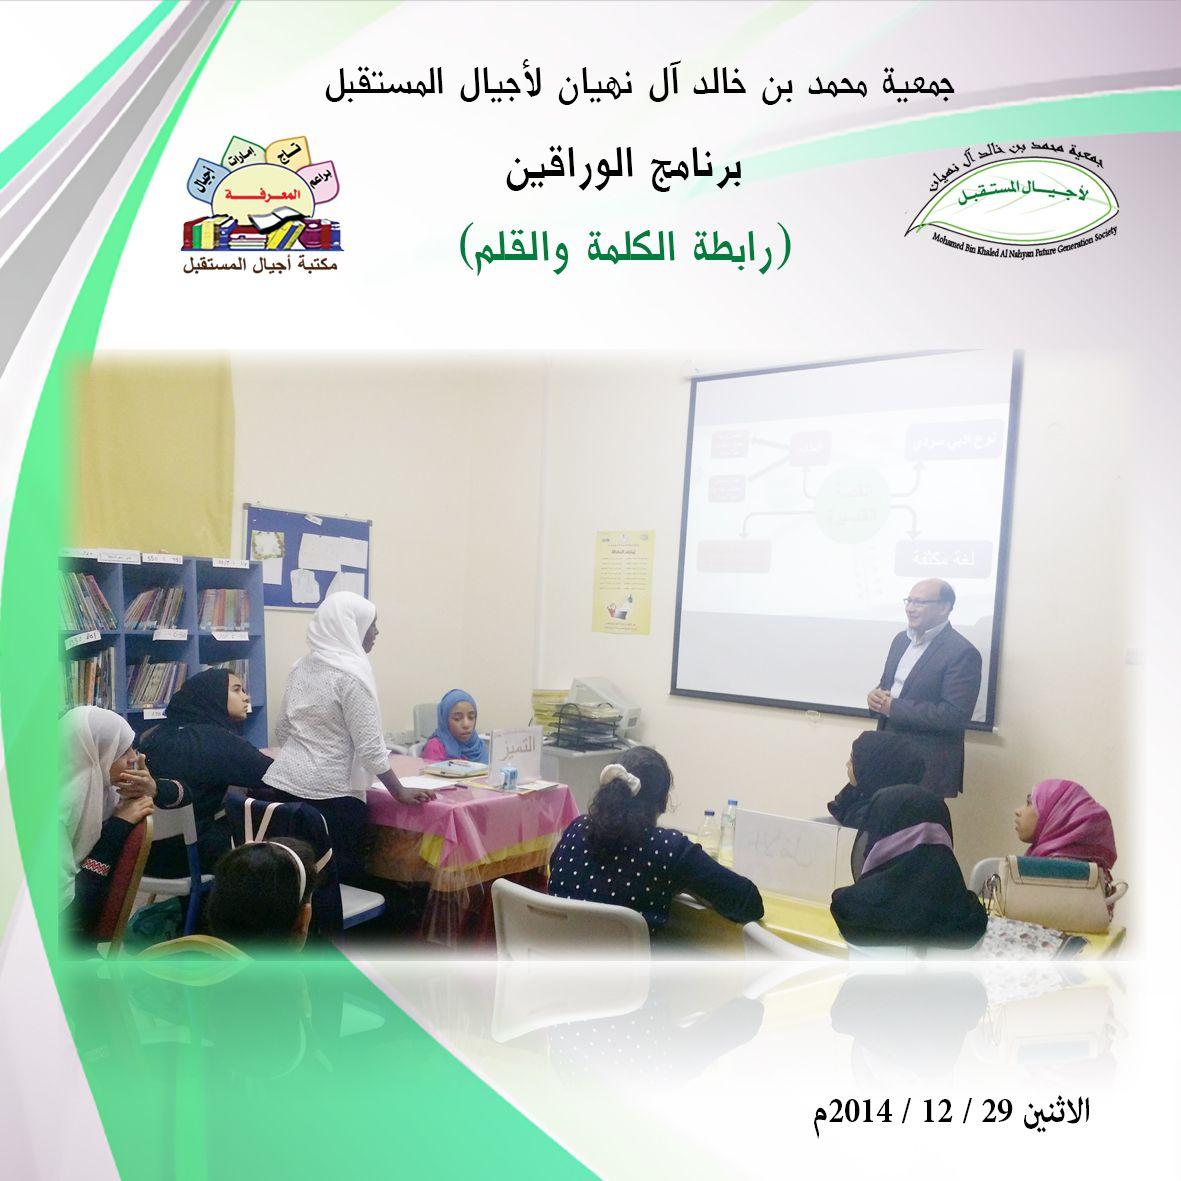 تستمر فعاليات برنامج الوراقين في جمعية محمد بن خالد آل نهيان لأجيال المستقبل يوم الاثنين الموافق 29 12 2014م من خلال رابطة الكلمة والتواصل حيث تم تقديم ورشةعم